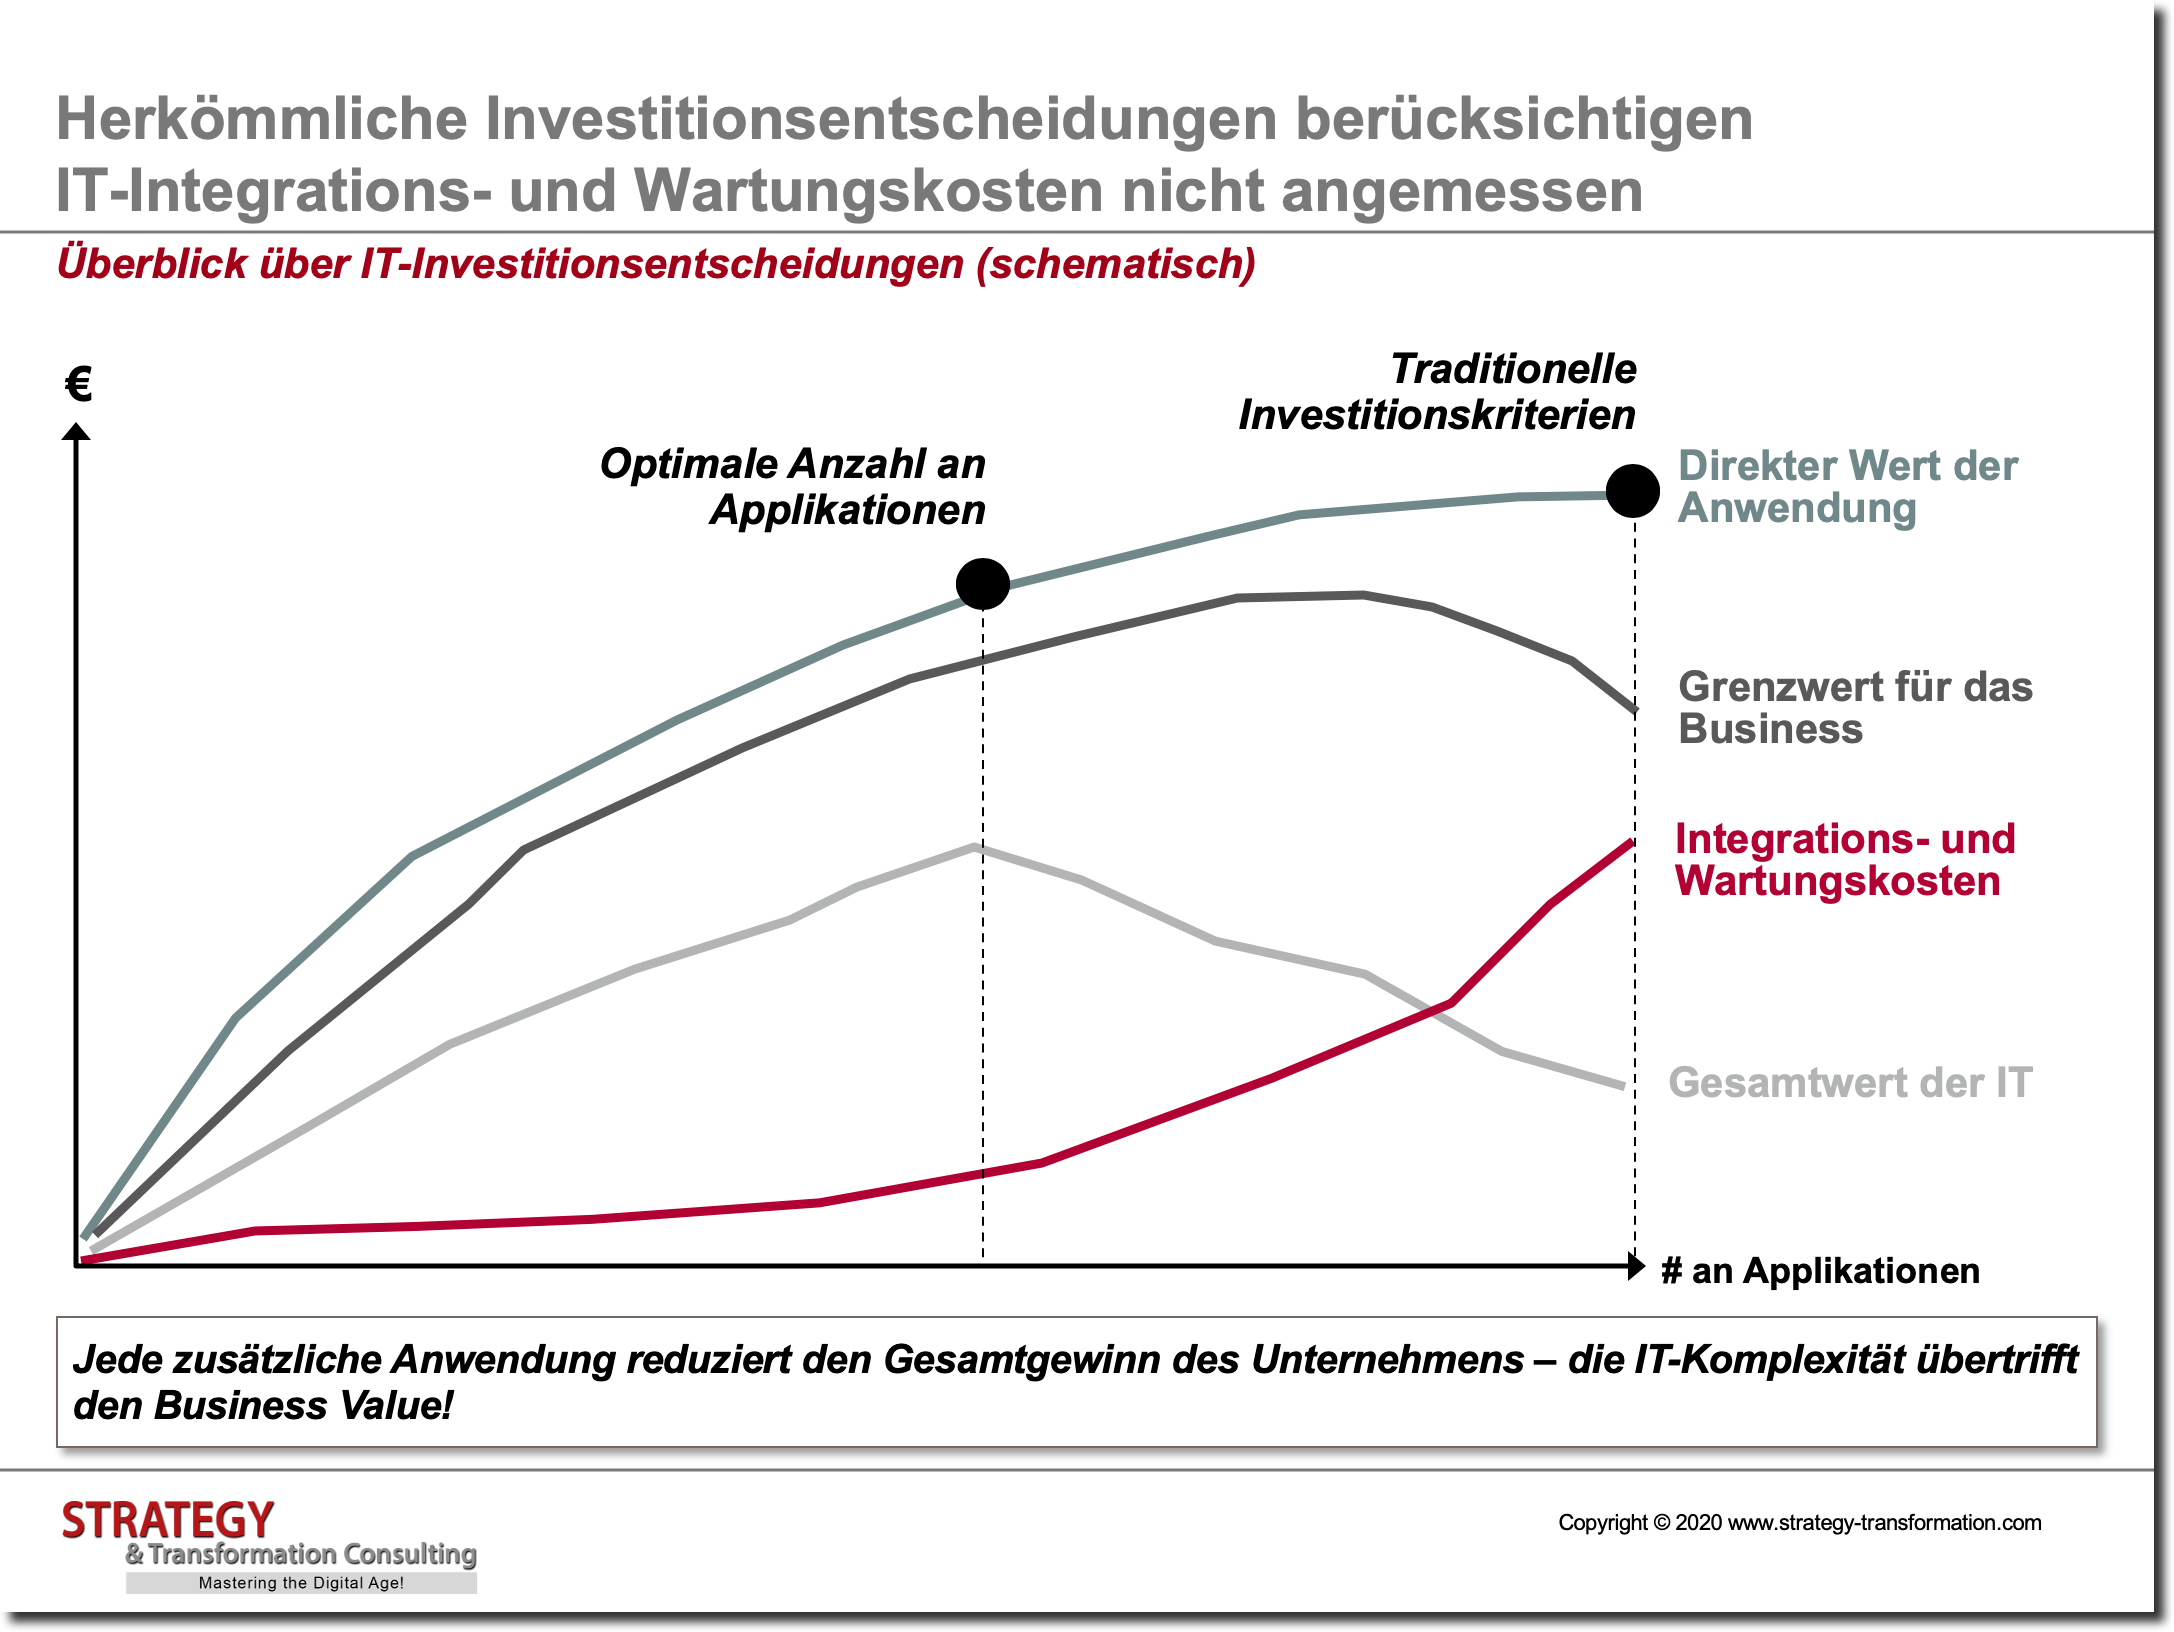 Überblick über IT-Investitionsentscheidungen